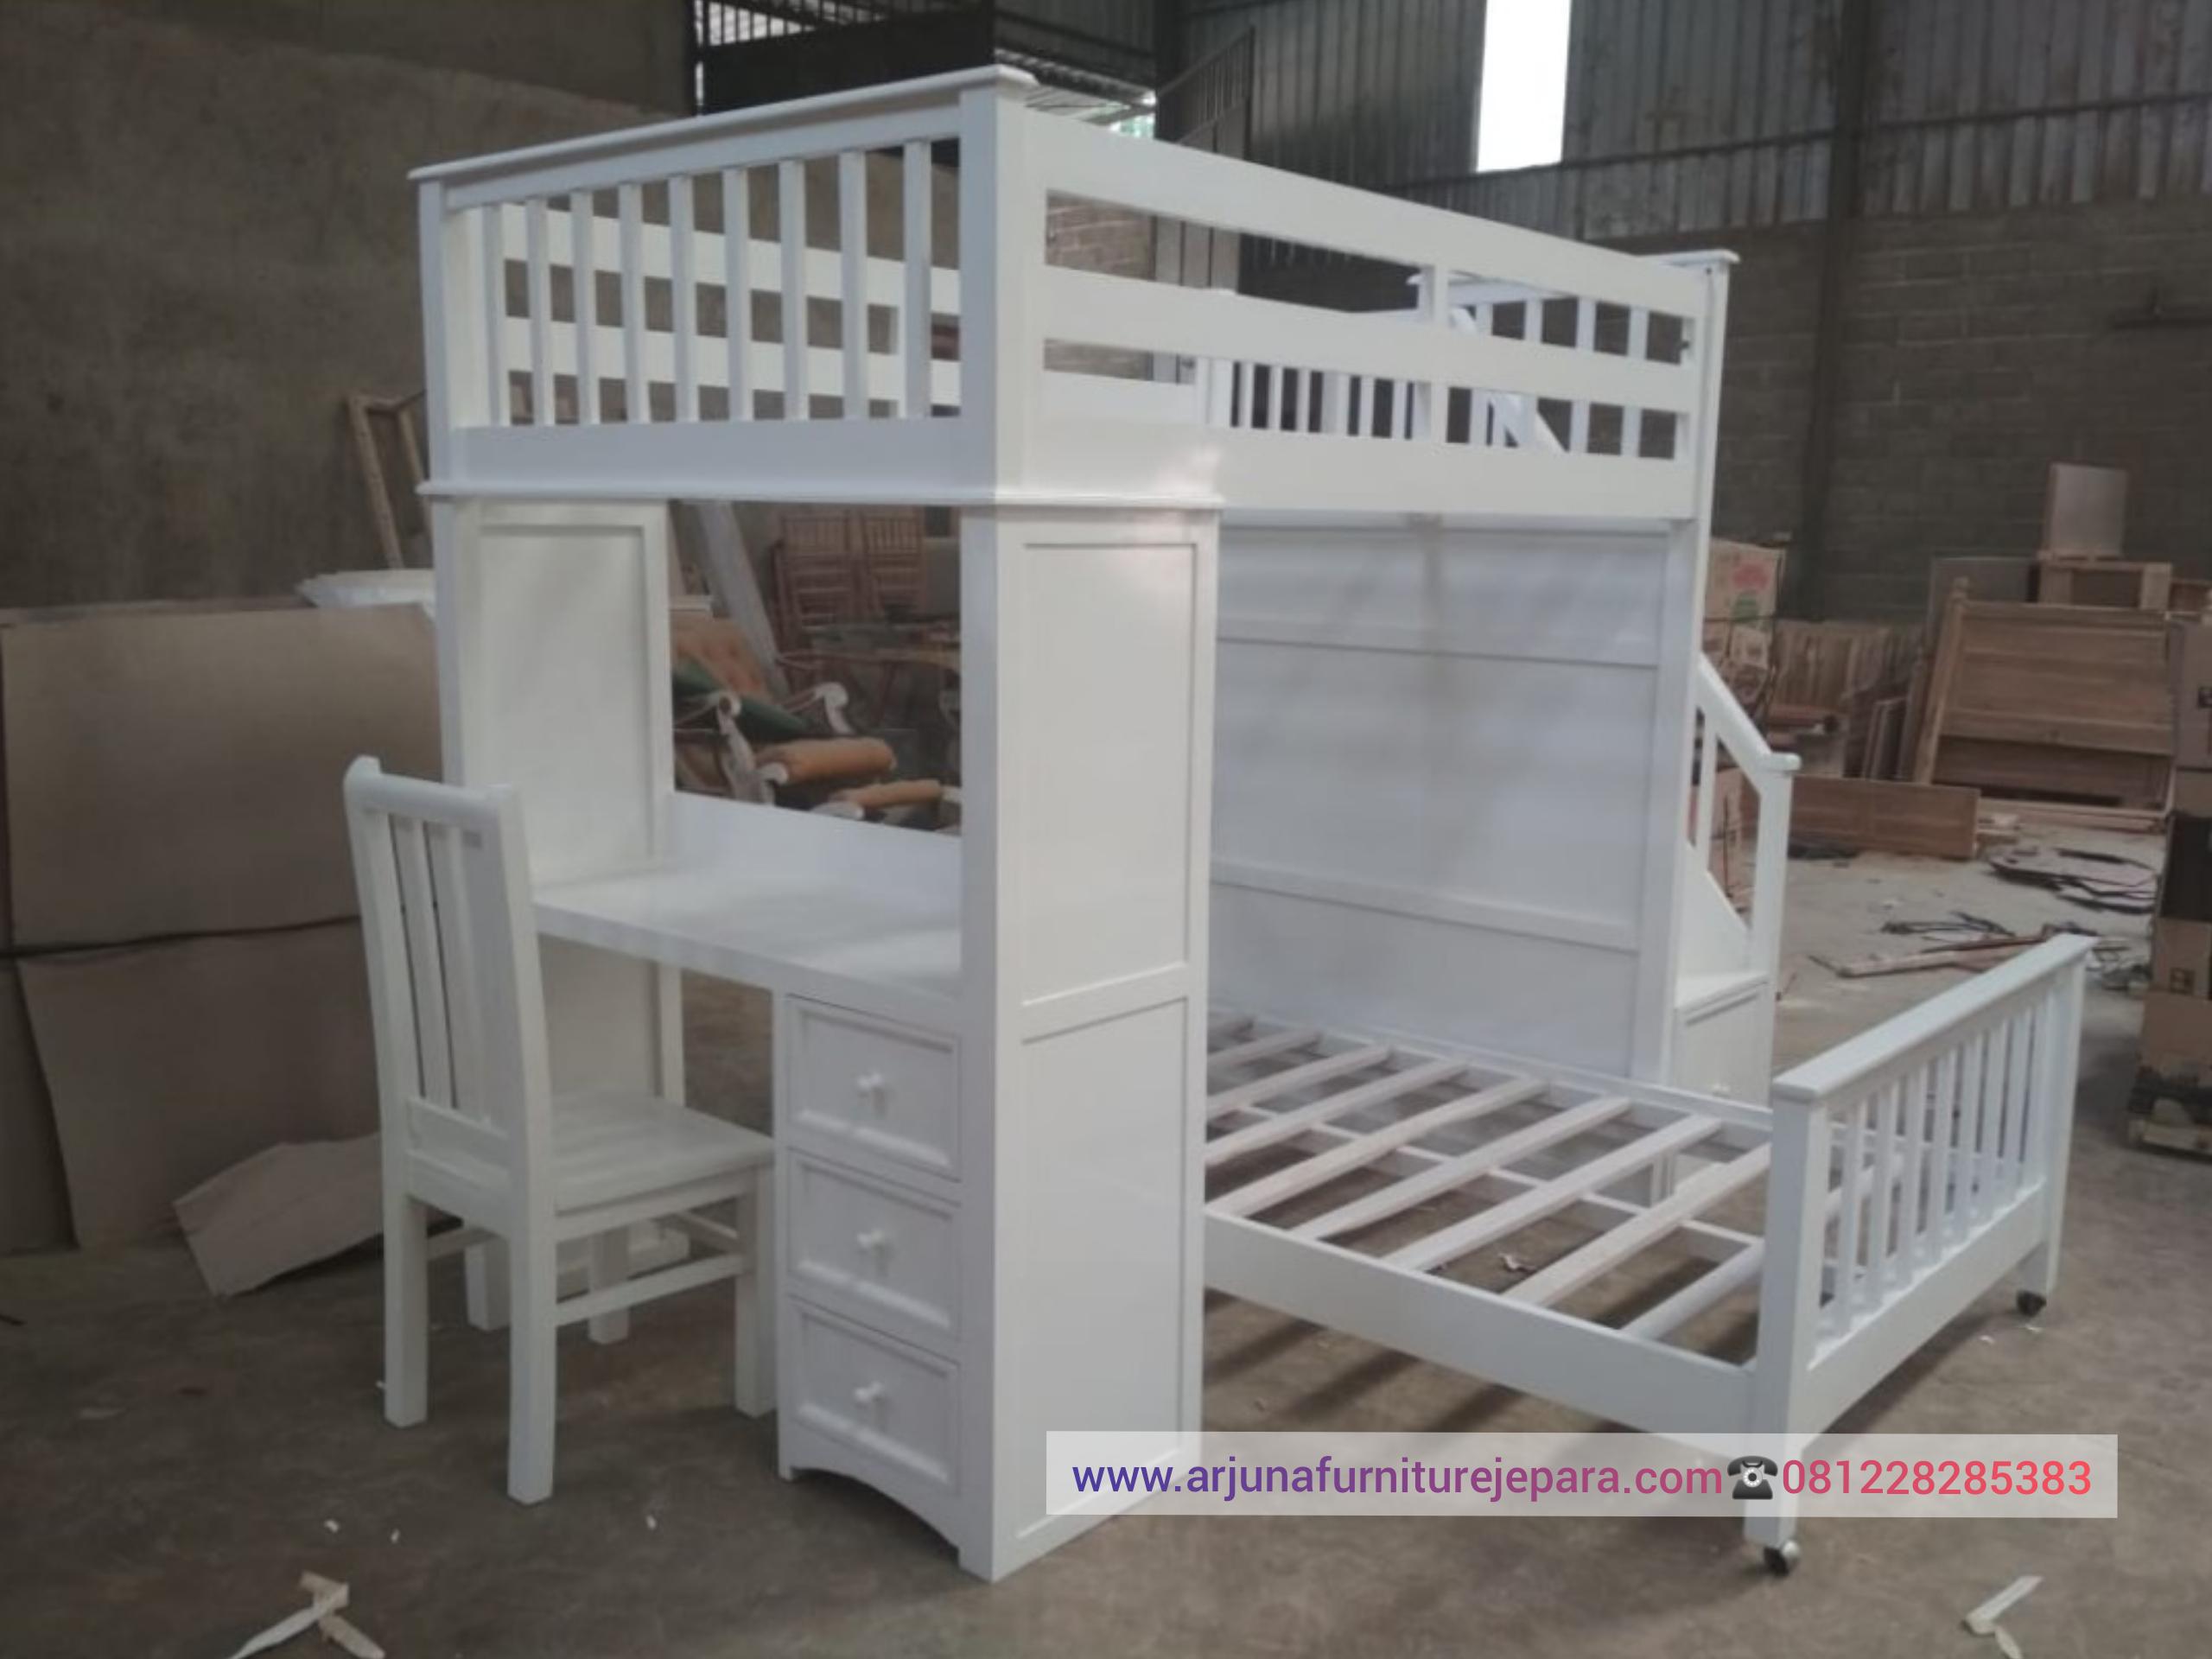 Model Set Ranjang Susun Meja Belajar Tempat Tidur Anak Duco